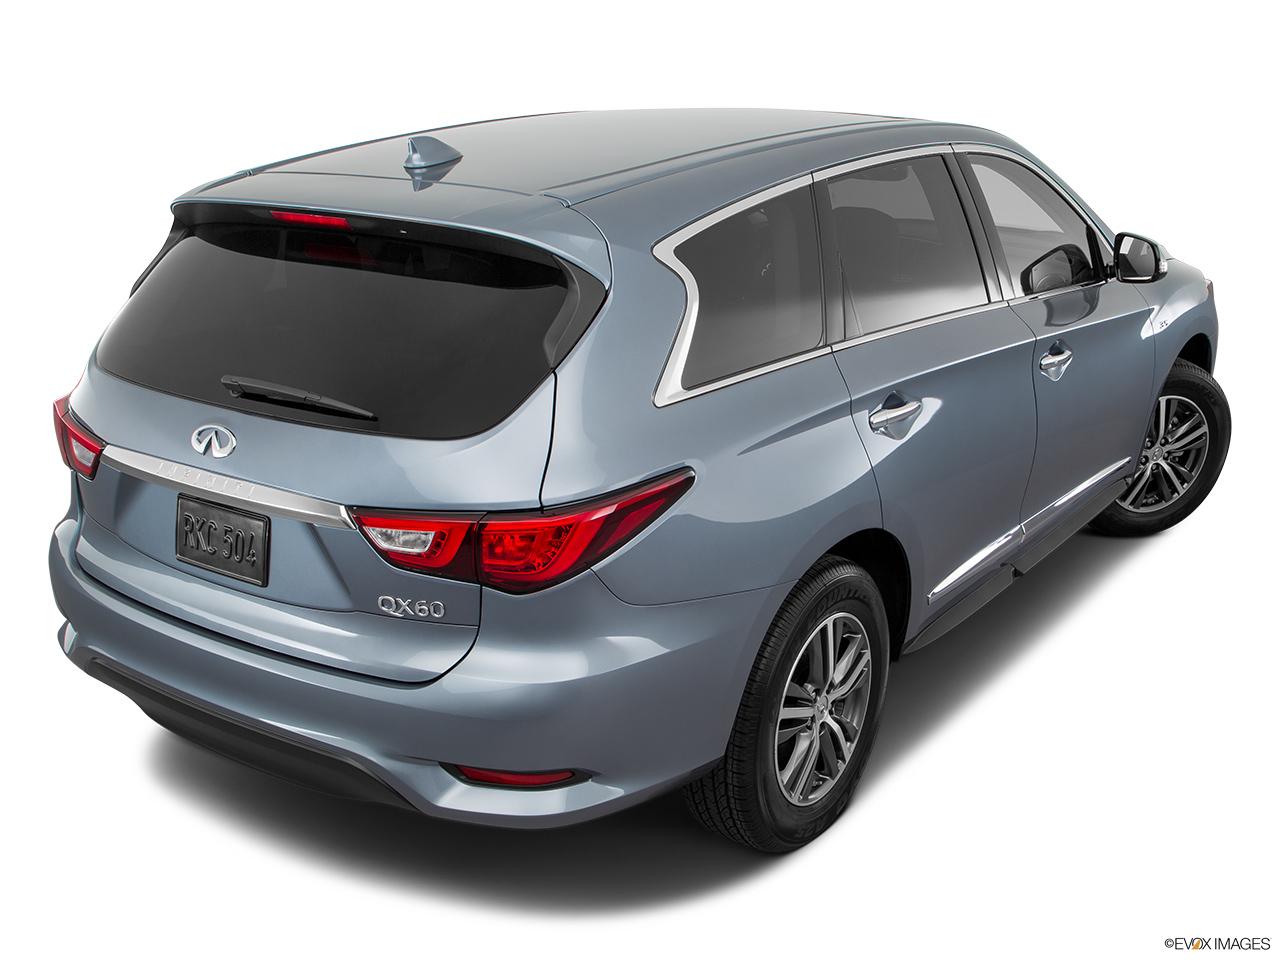 Infiniti QX60 2017 3 5L Luxury in Bahrain New Car Prices